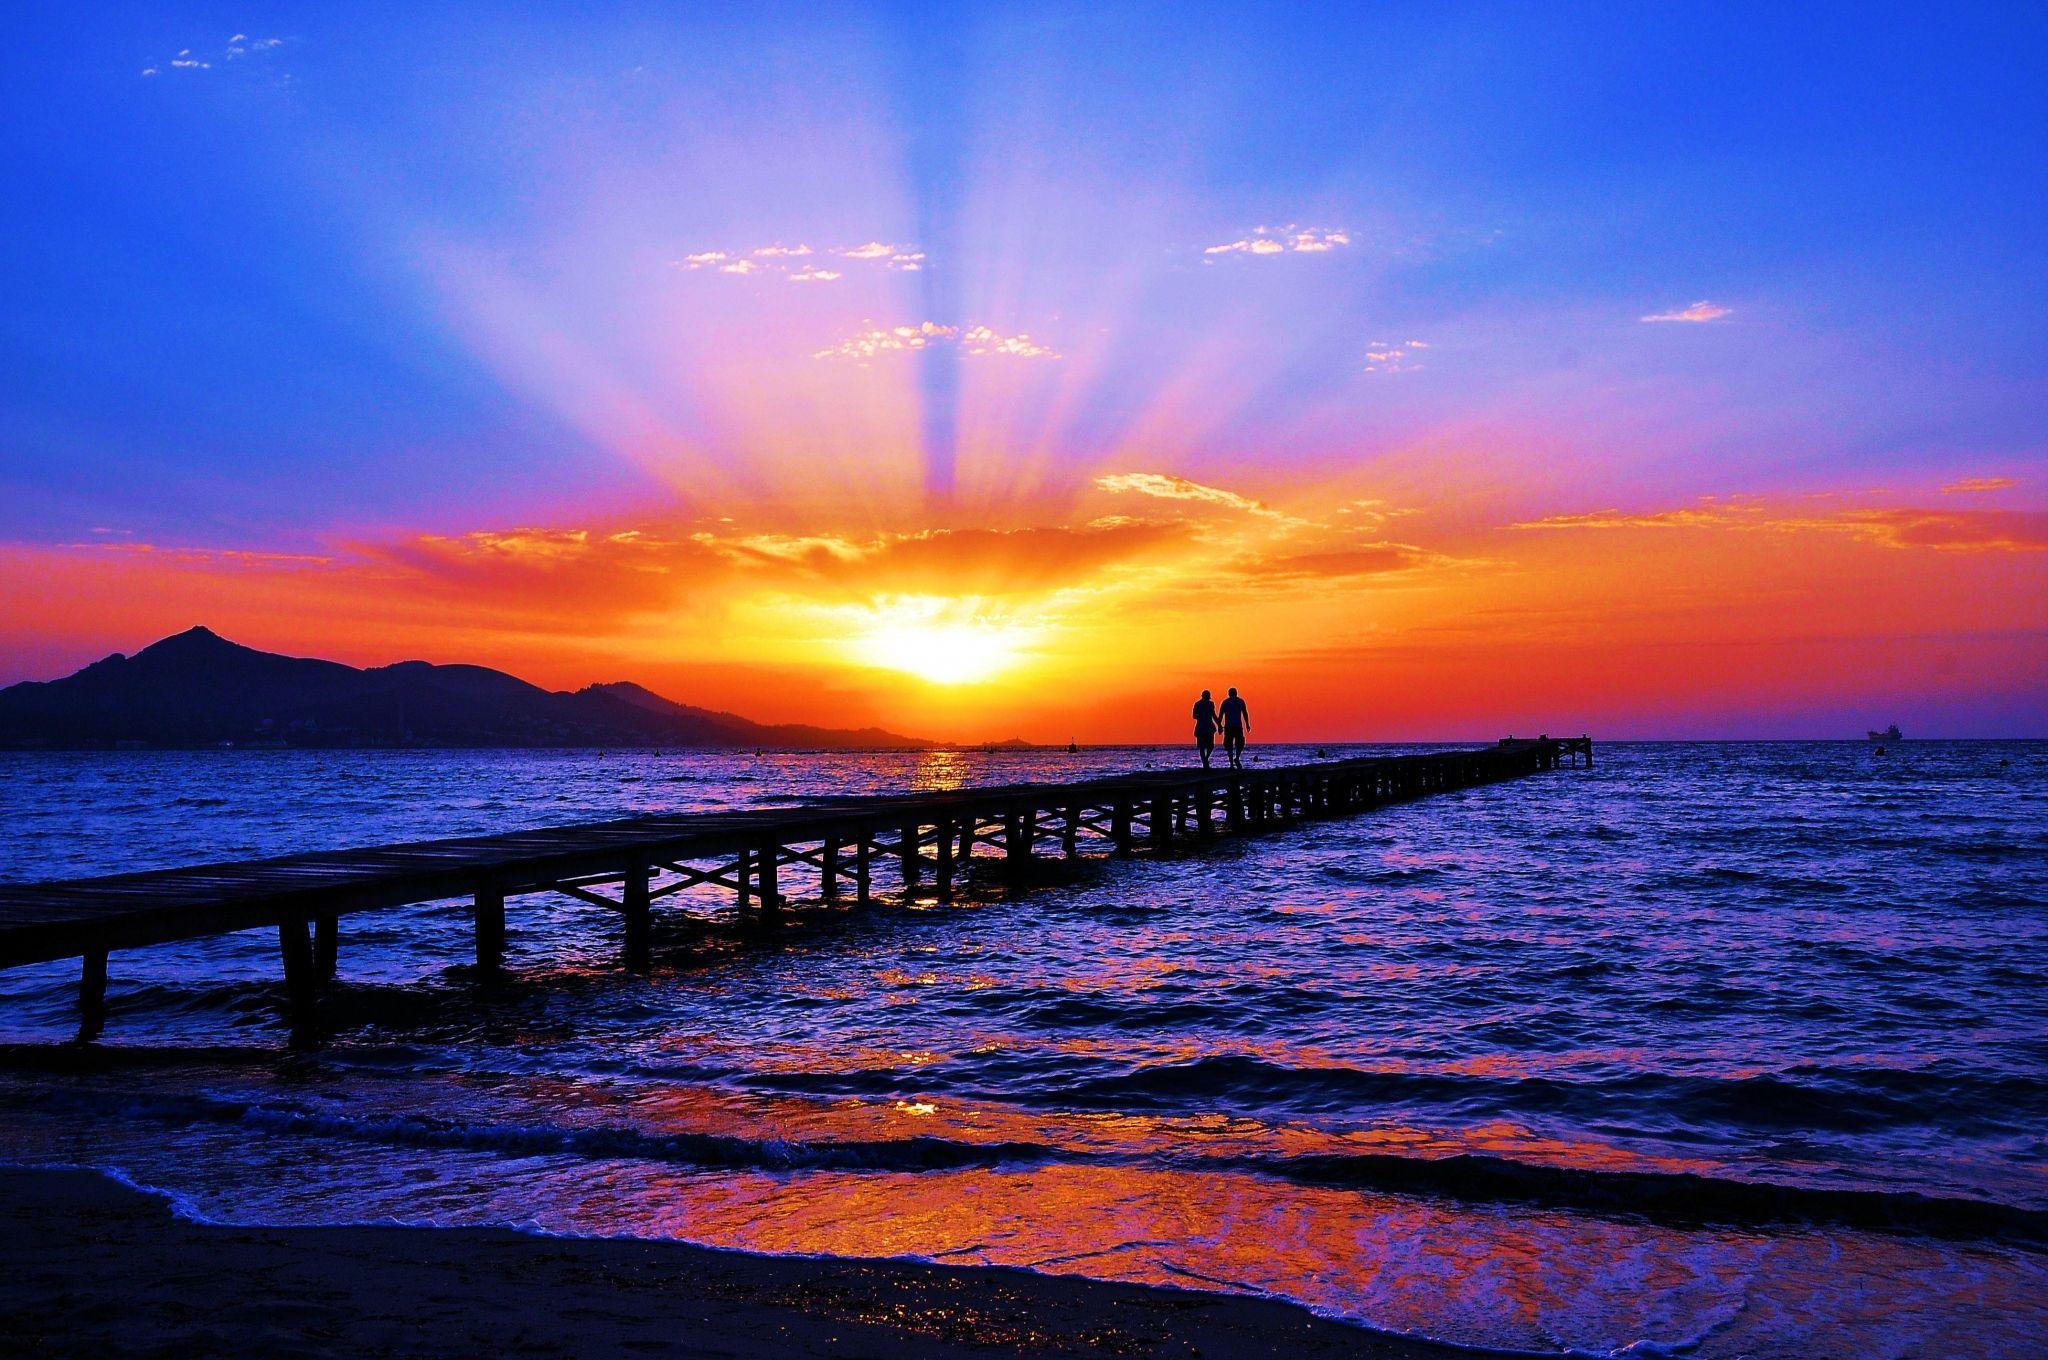 Must see Wallpaper Laptop Sunset - b7704dd31f83536e499f0f3dac440b57  Trends_646882.jpg